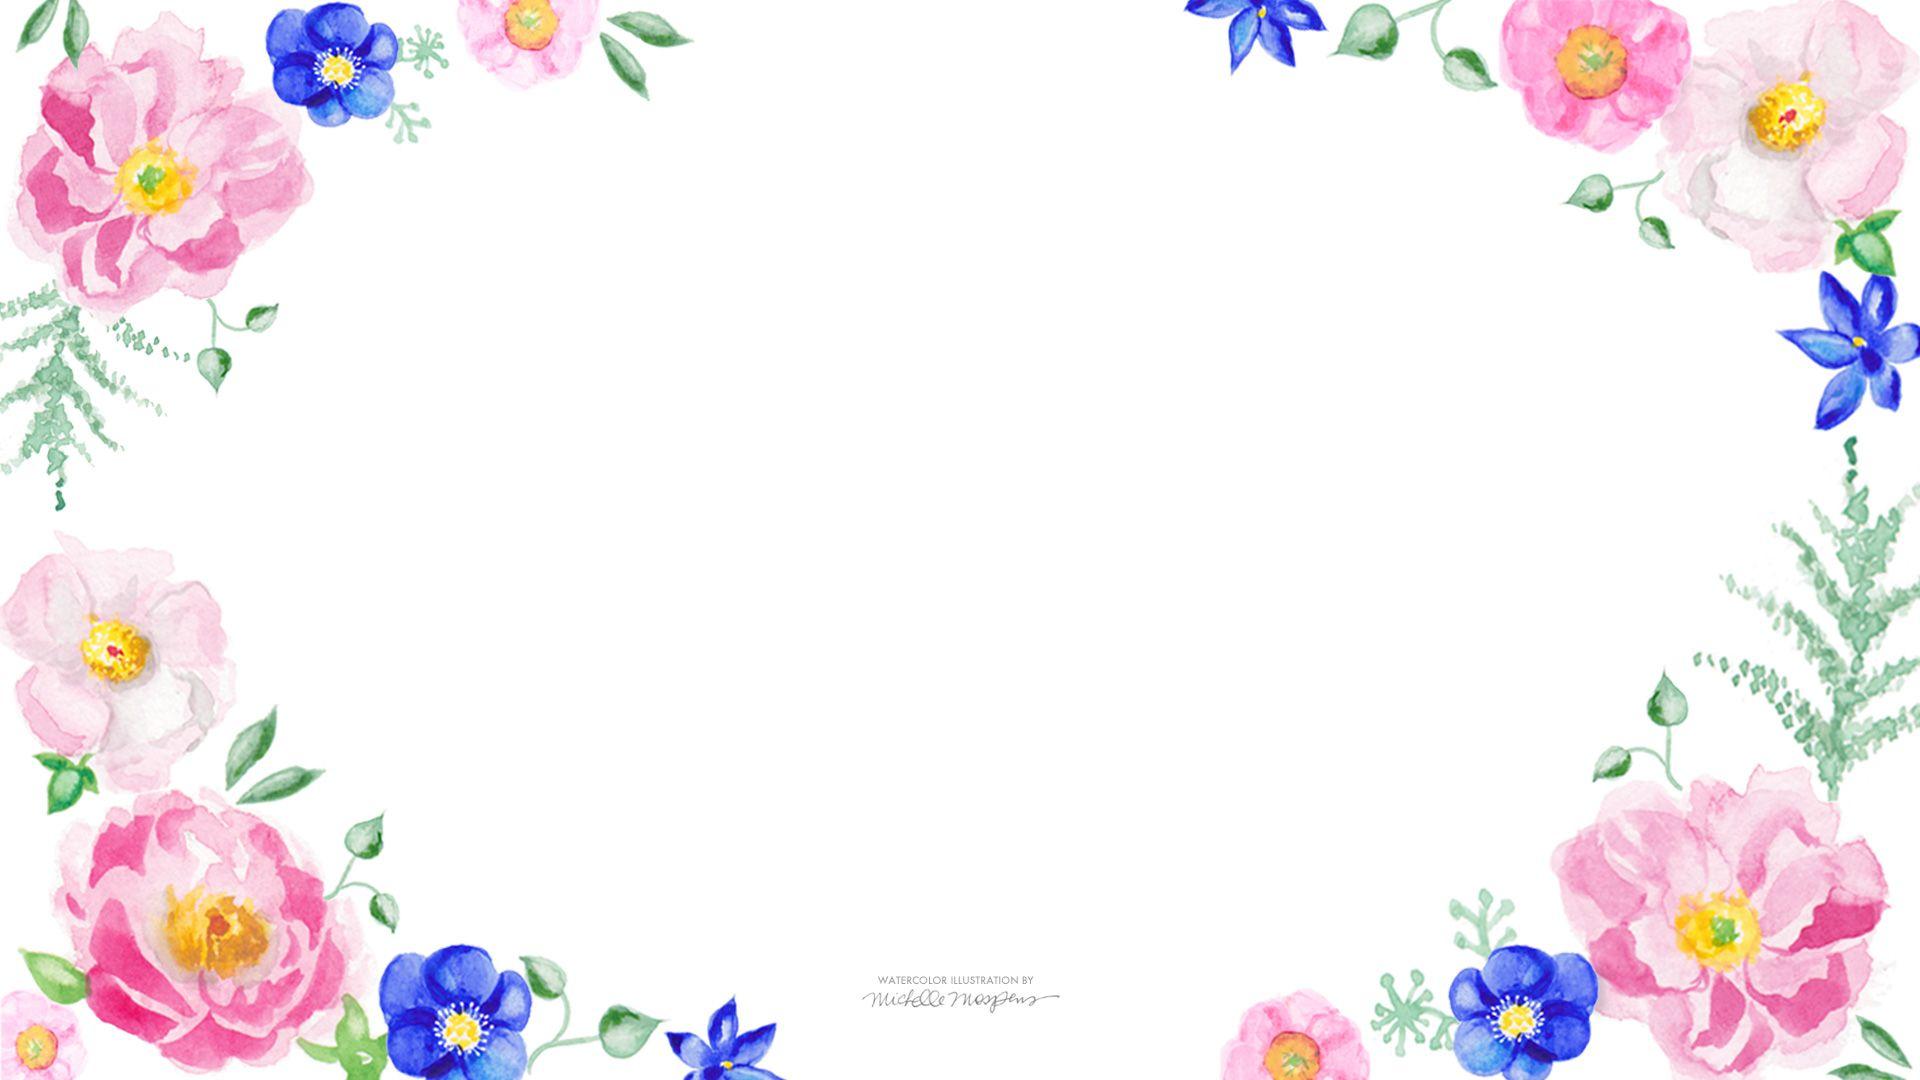 floral desktop wallpaper 1920x1080 Google Search